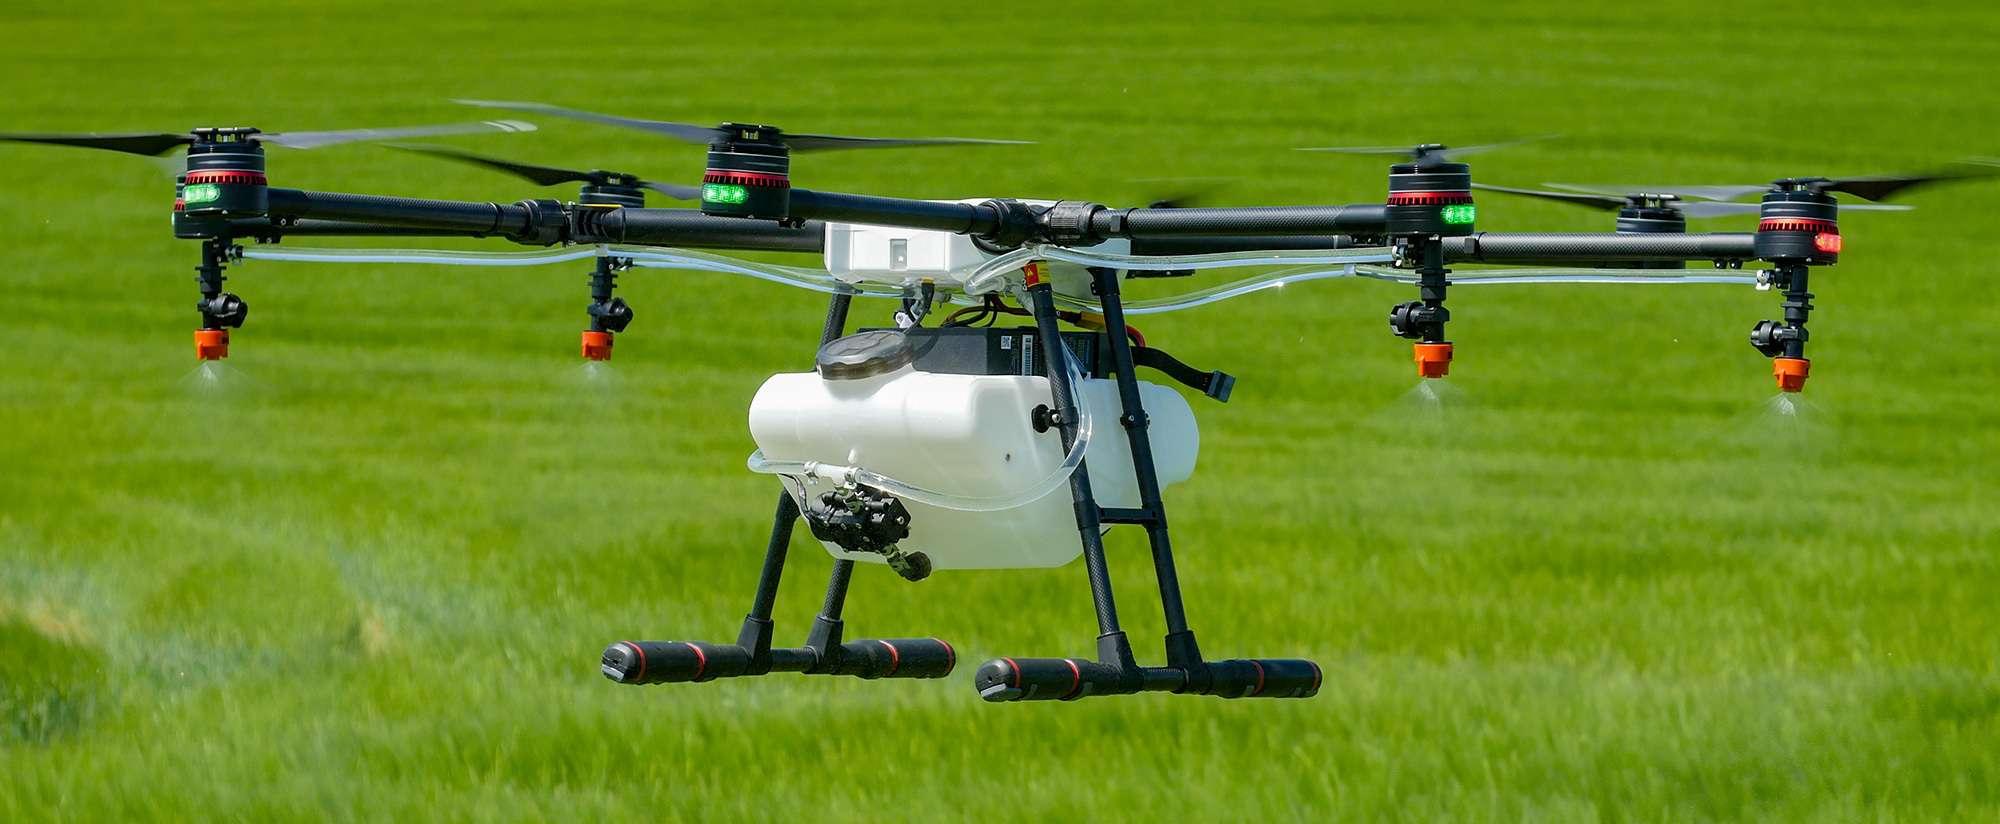 droni agricoli, agricoltura di precisione con droni,